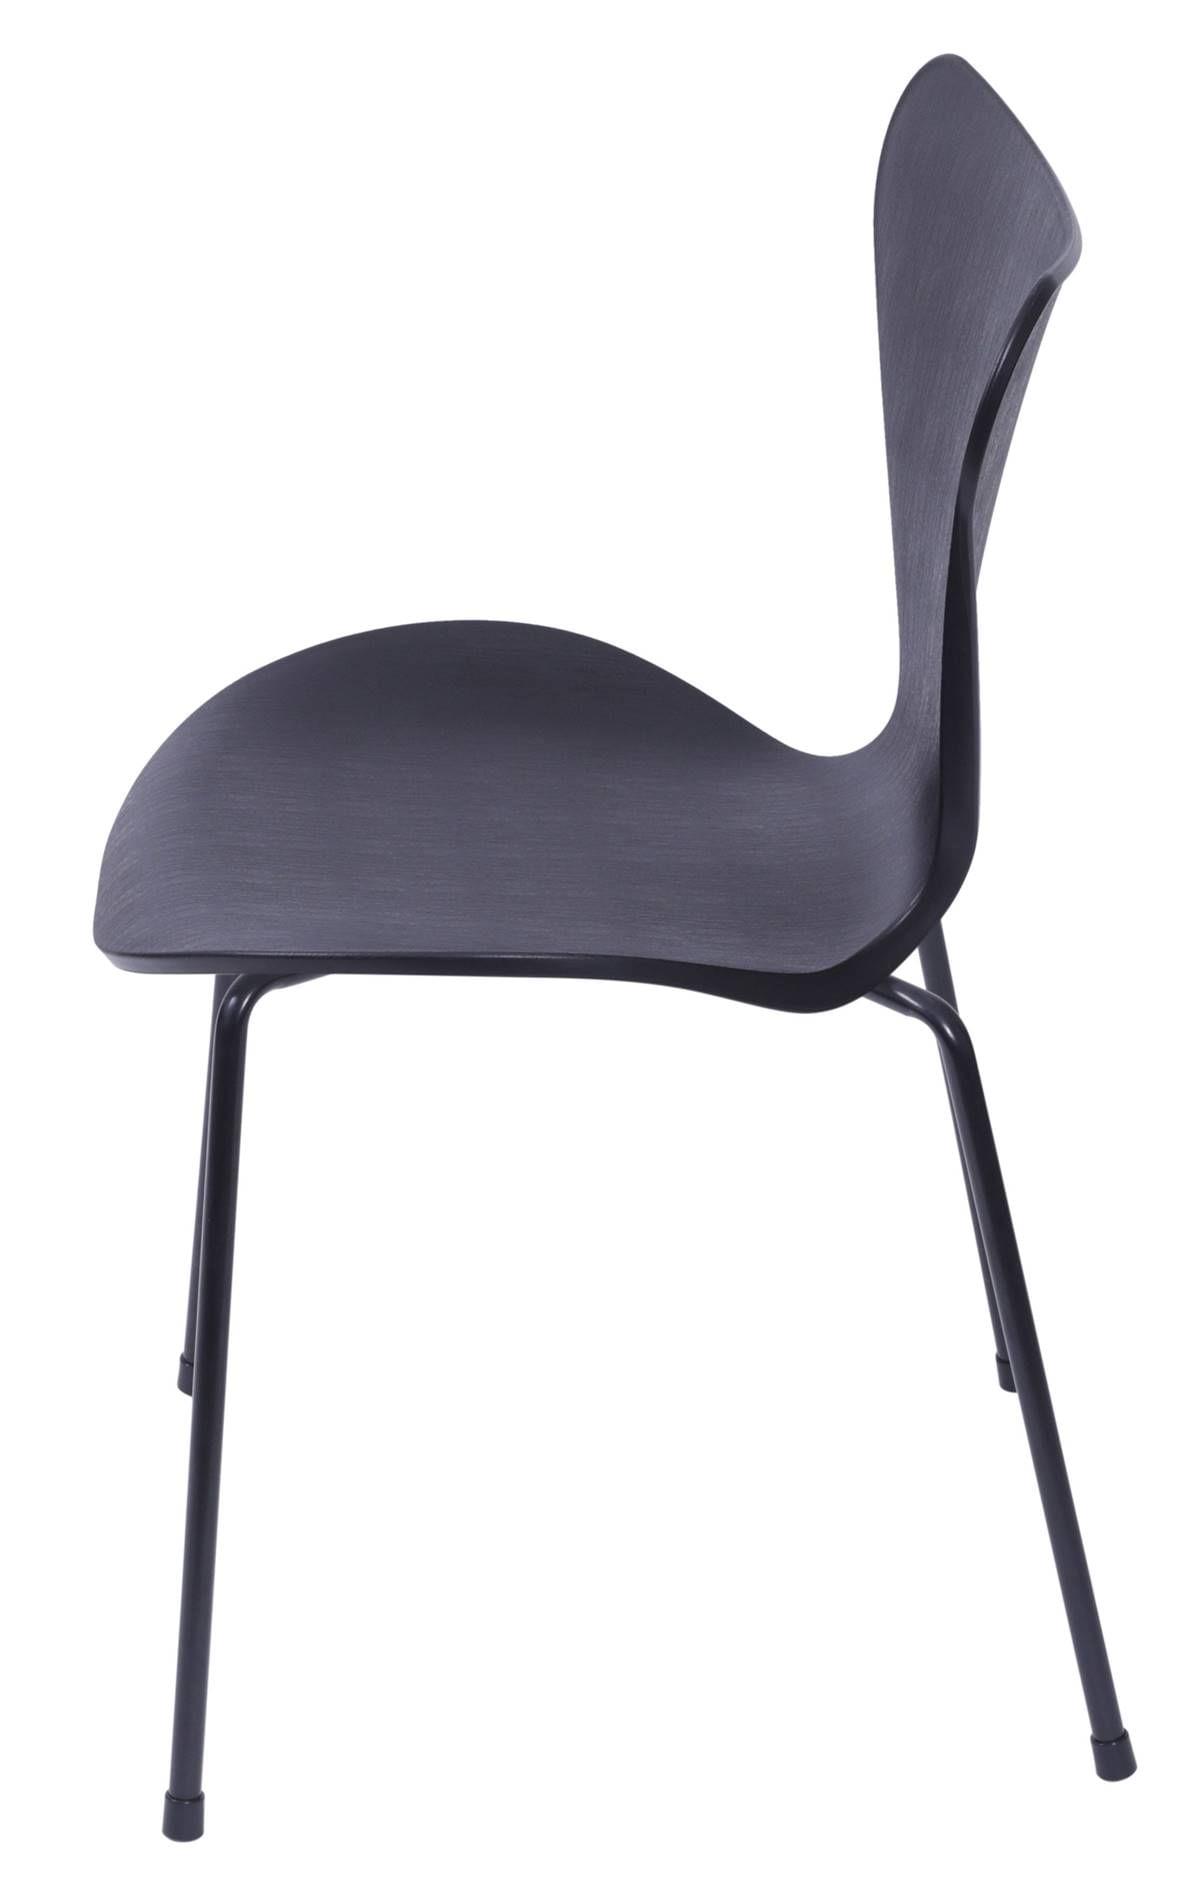 Cadeira Jacobsen Series 7 Polipropileno Preto com Base Metal - 55944